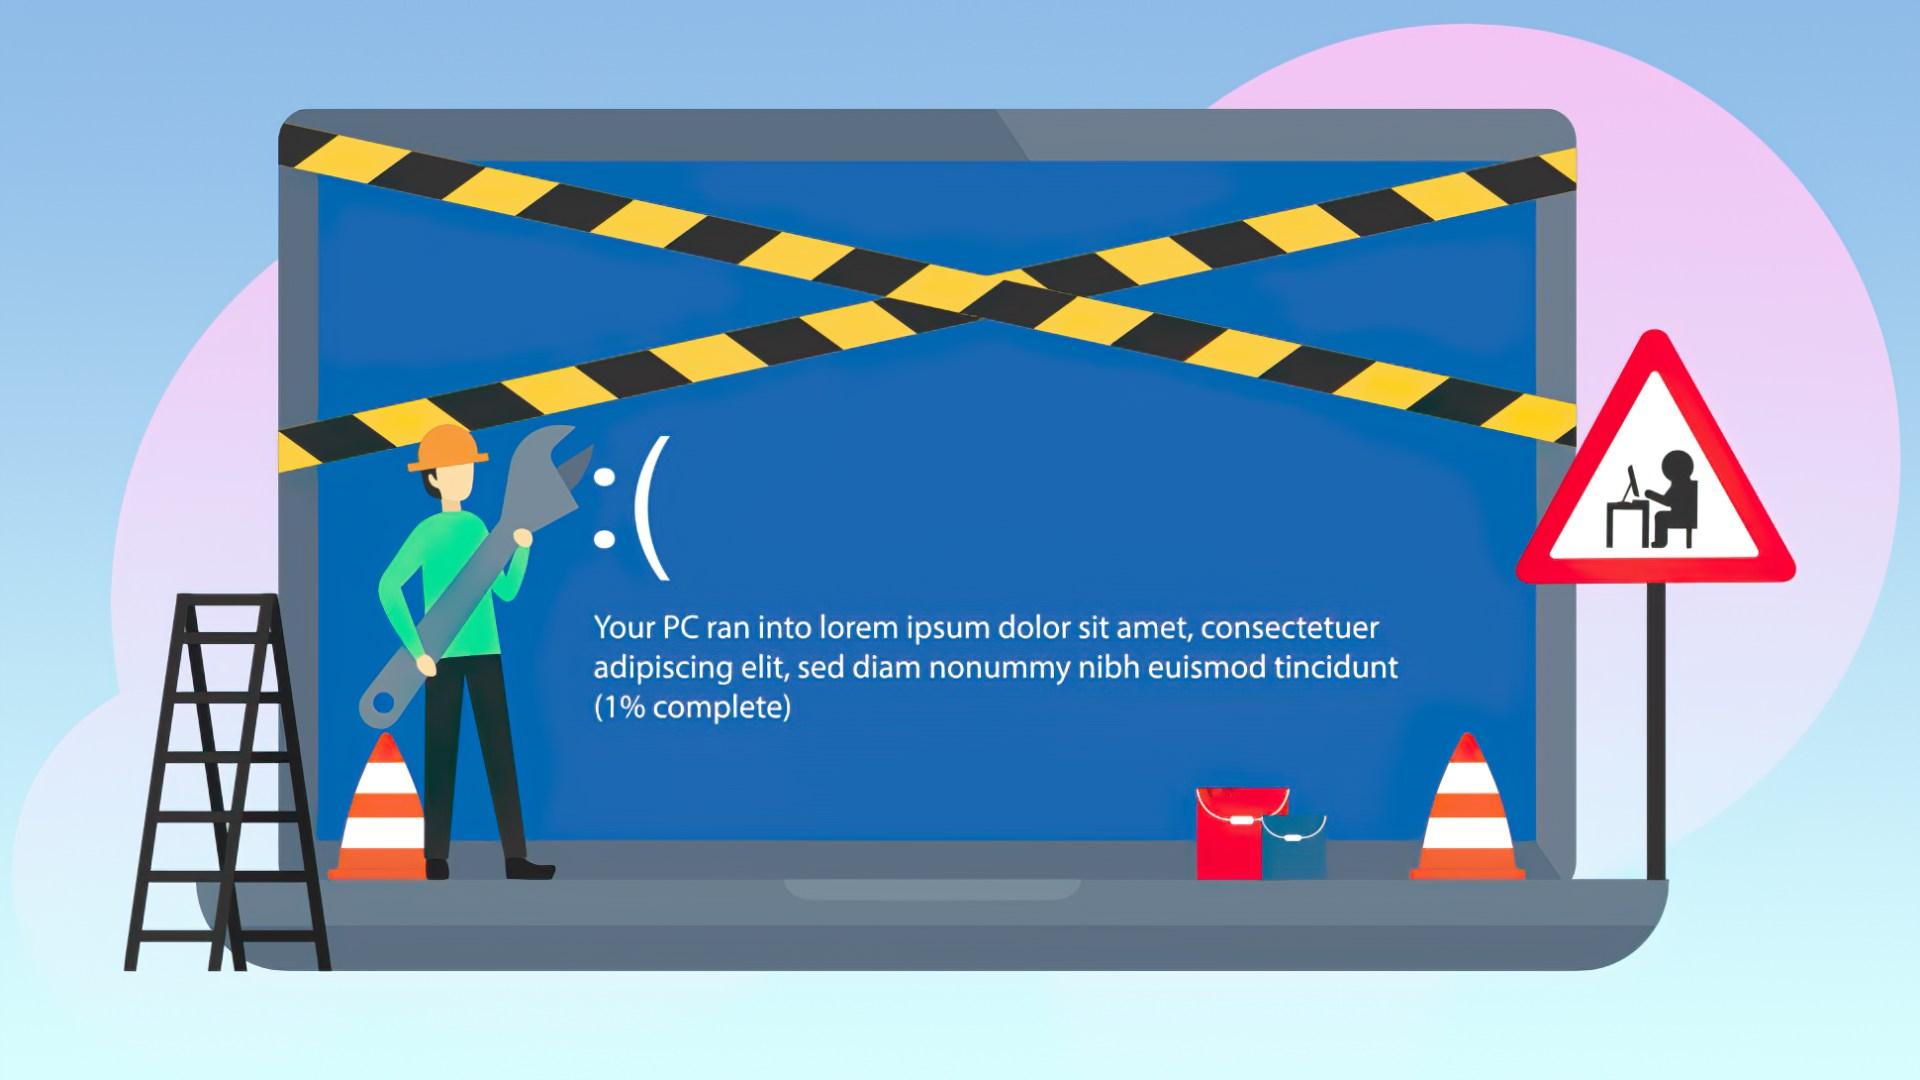 Windows 10, Update, Beta, Fehler, Bug, Entwicklung, Schadsoftware, Bugs, Fehlerbehebung, Absturz, Crash, Error, Bluescreen, Windows 10 bugs, Windows 10 Bug, Windows 10 Fehler, Fehlercode, Update Fehler, Windows 10 Bluescreen, Vorab, Reperatur, Baustelle, Bauarbeiter